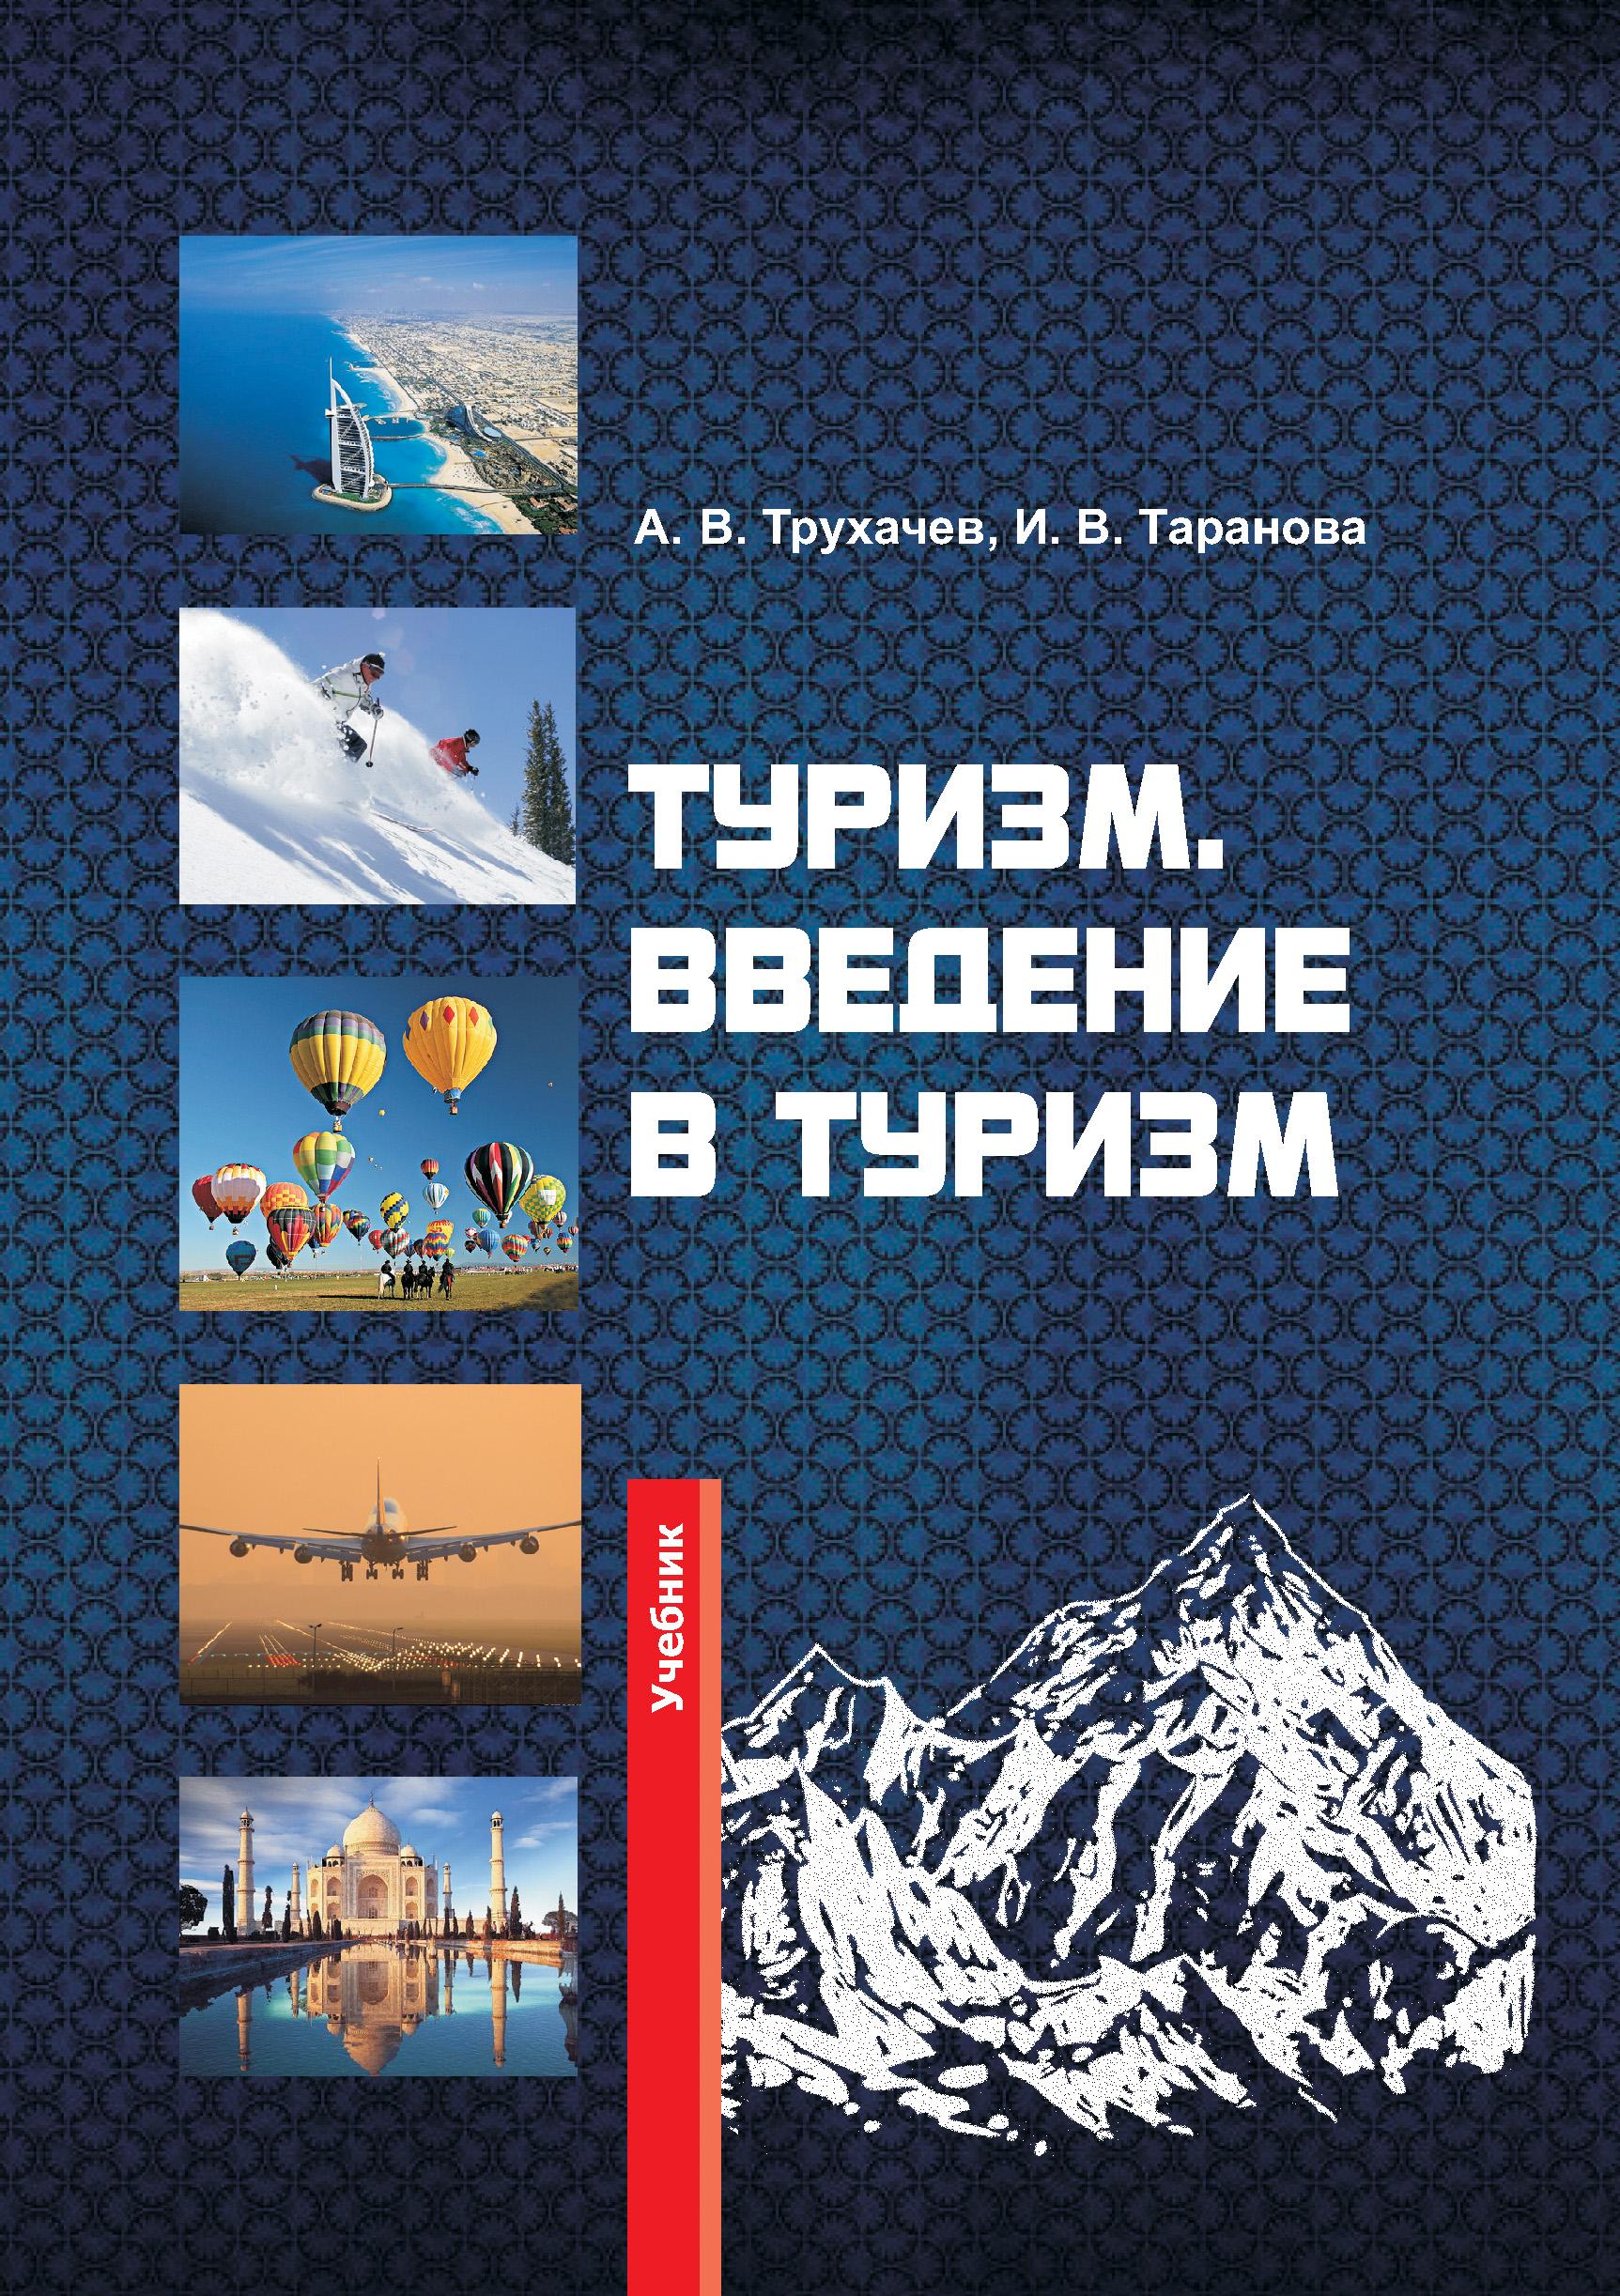 фото обложки издания Туризм. Введение в туризм